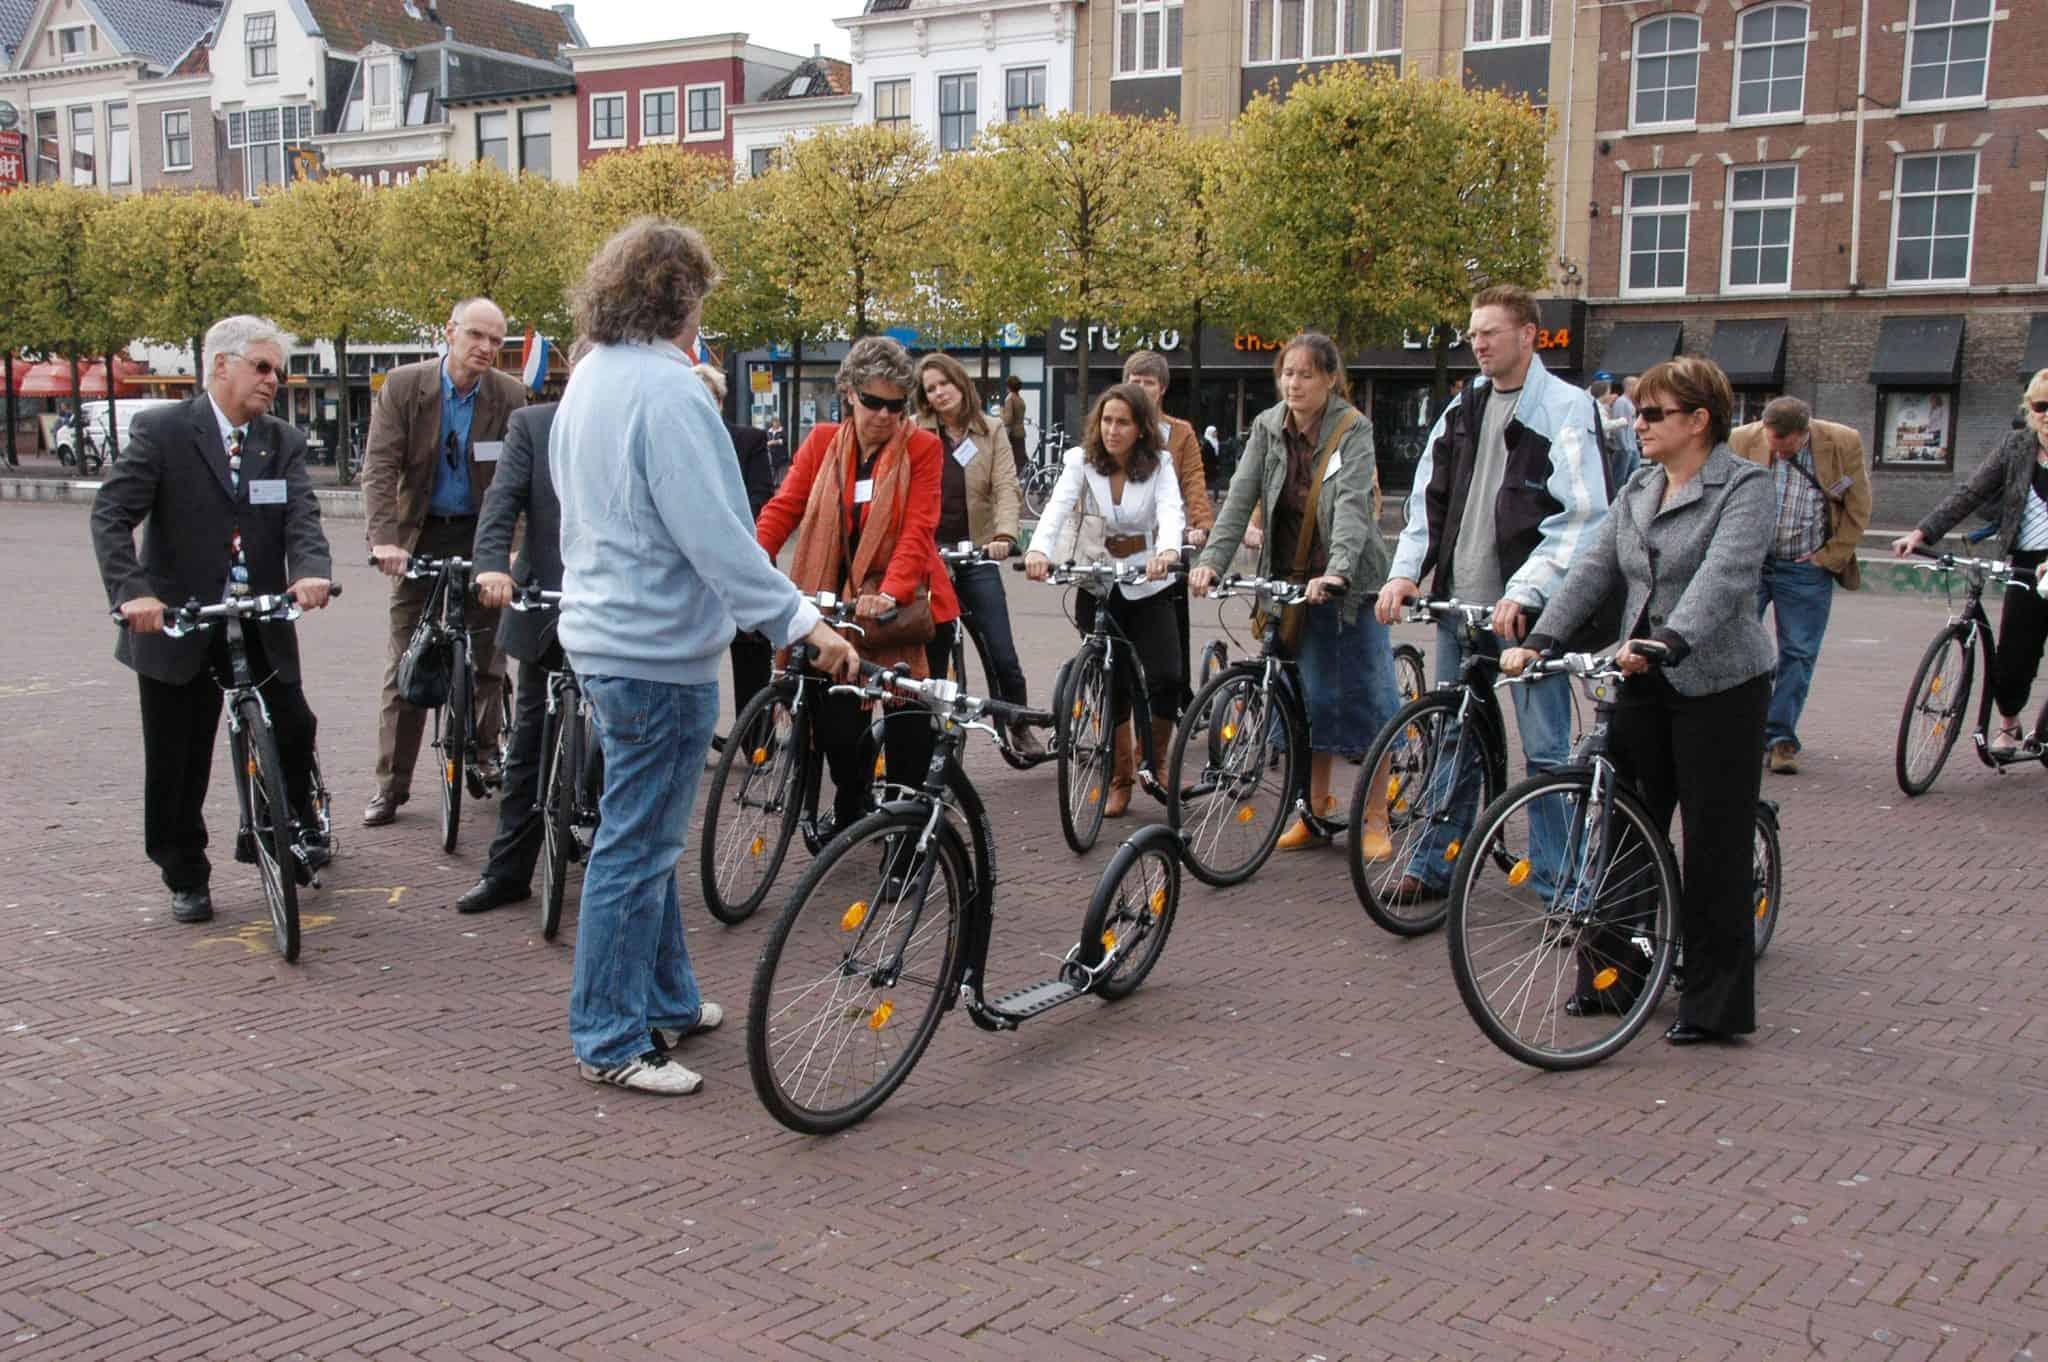 Kroegentocht op de Step met Pubquiz in Leiden